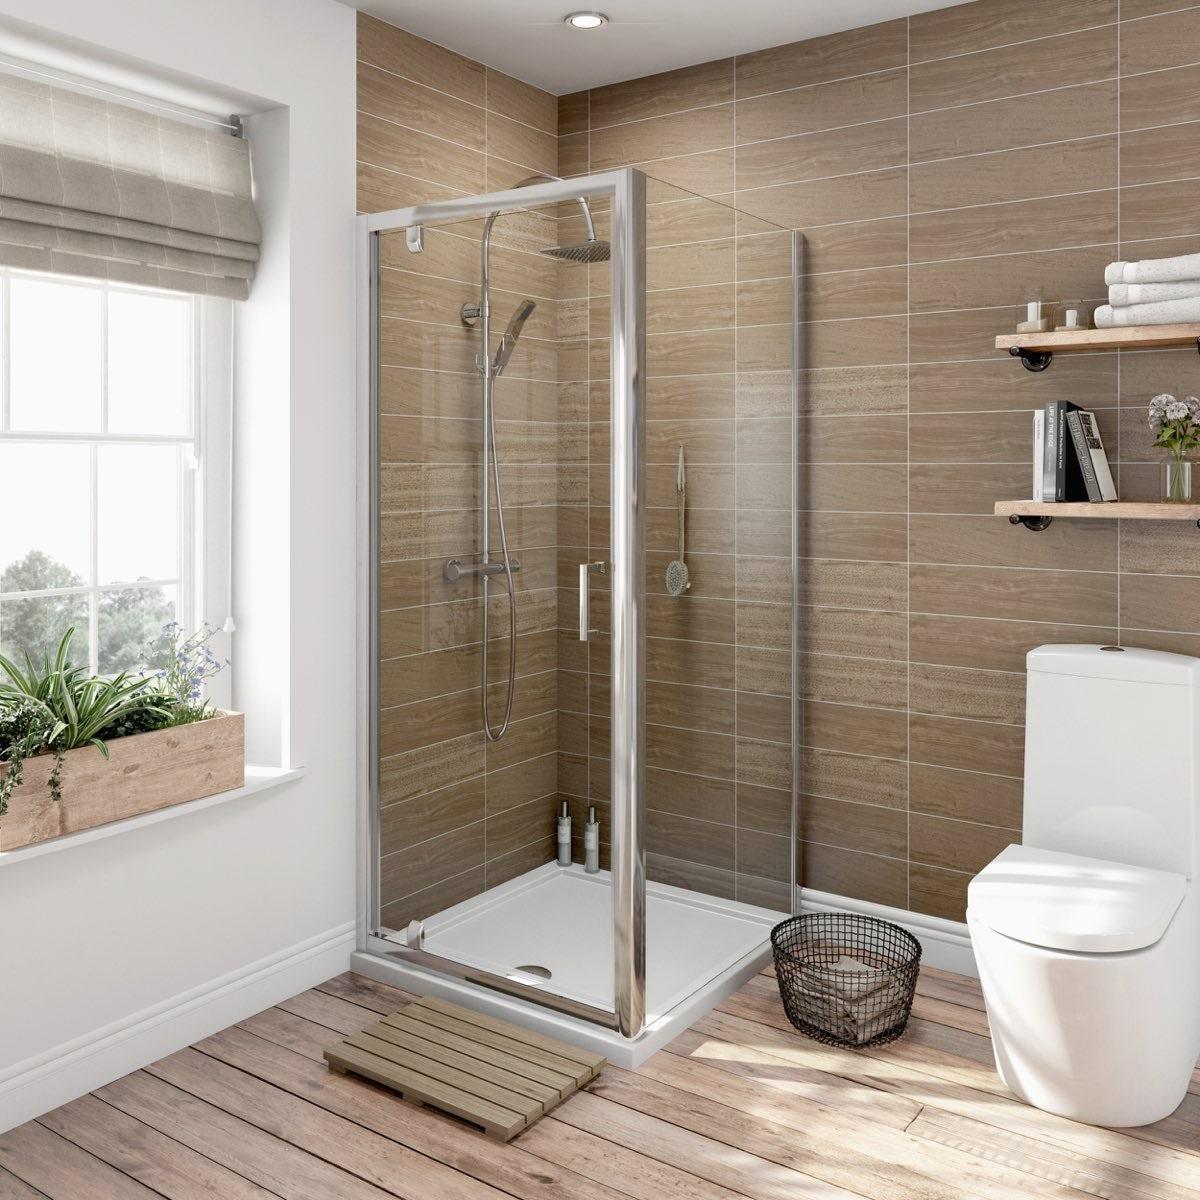 6mm pivot door rectangular shower enclosure